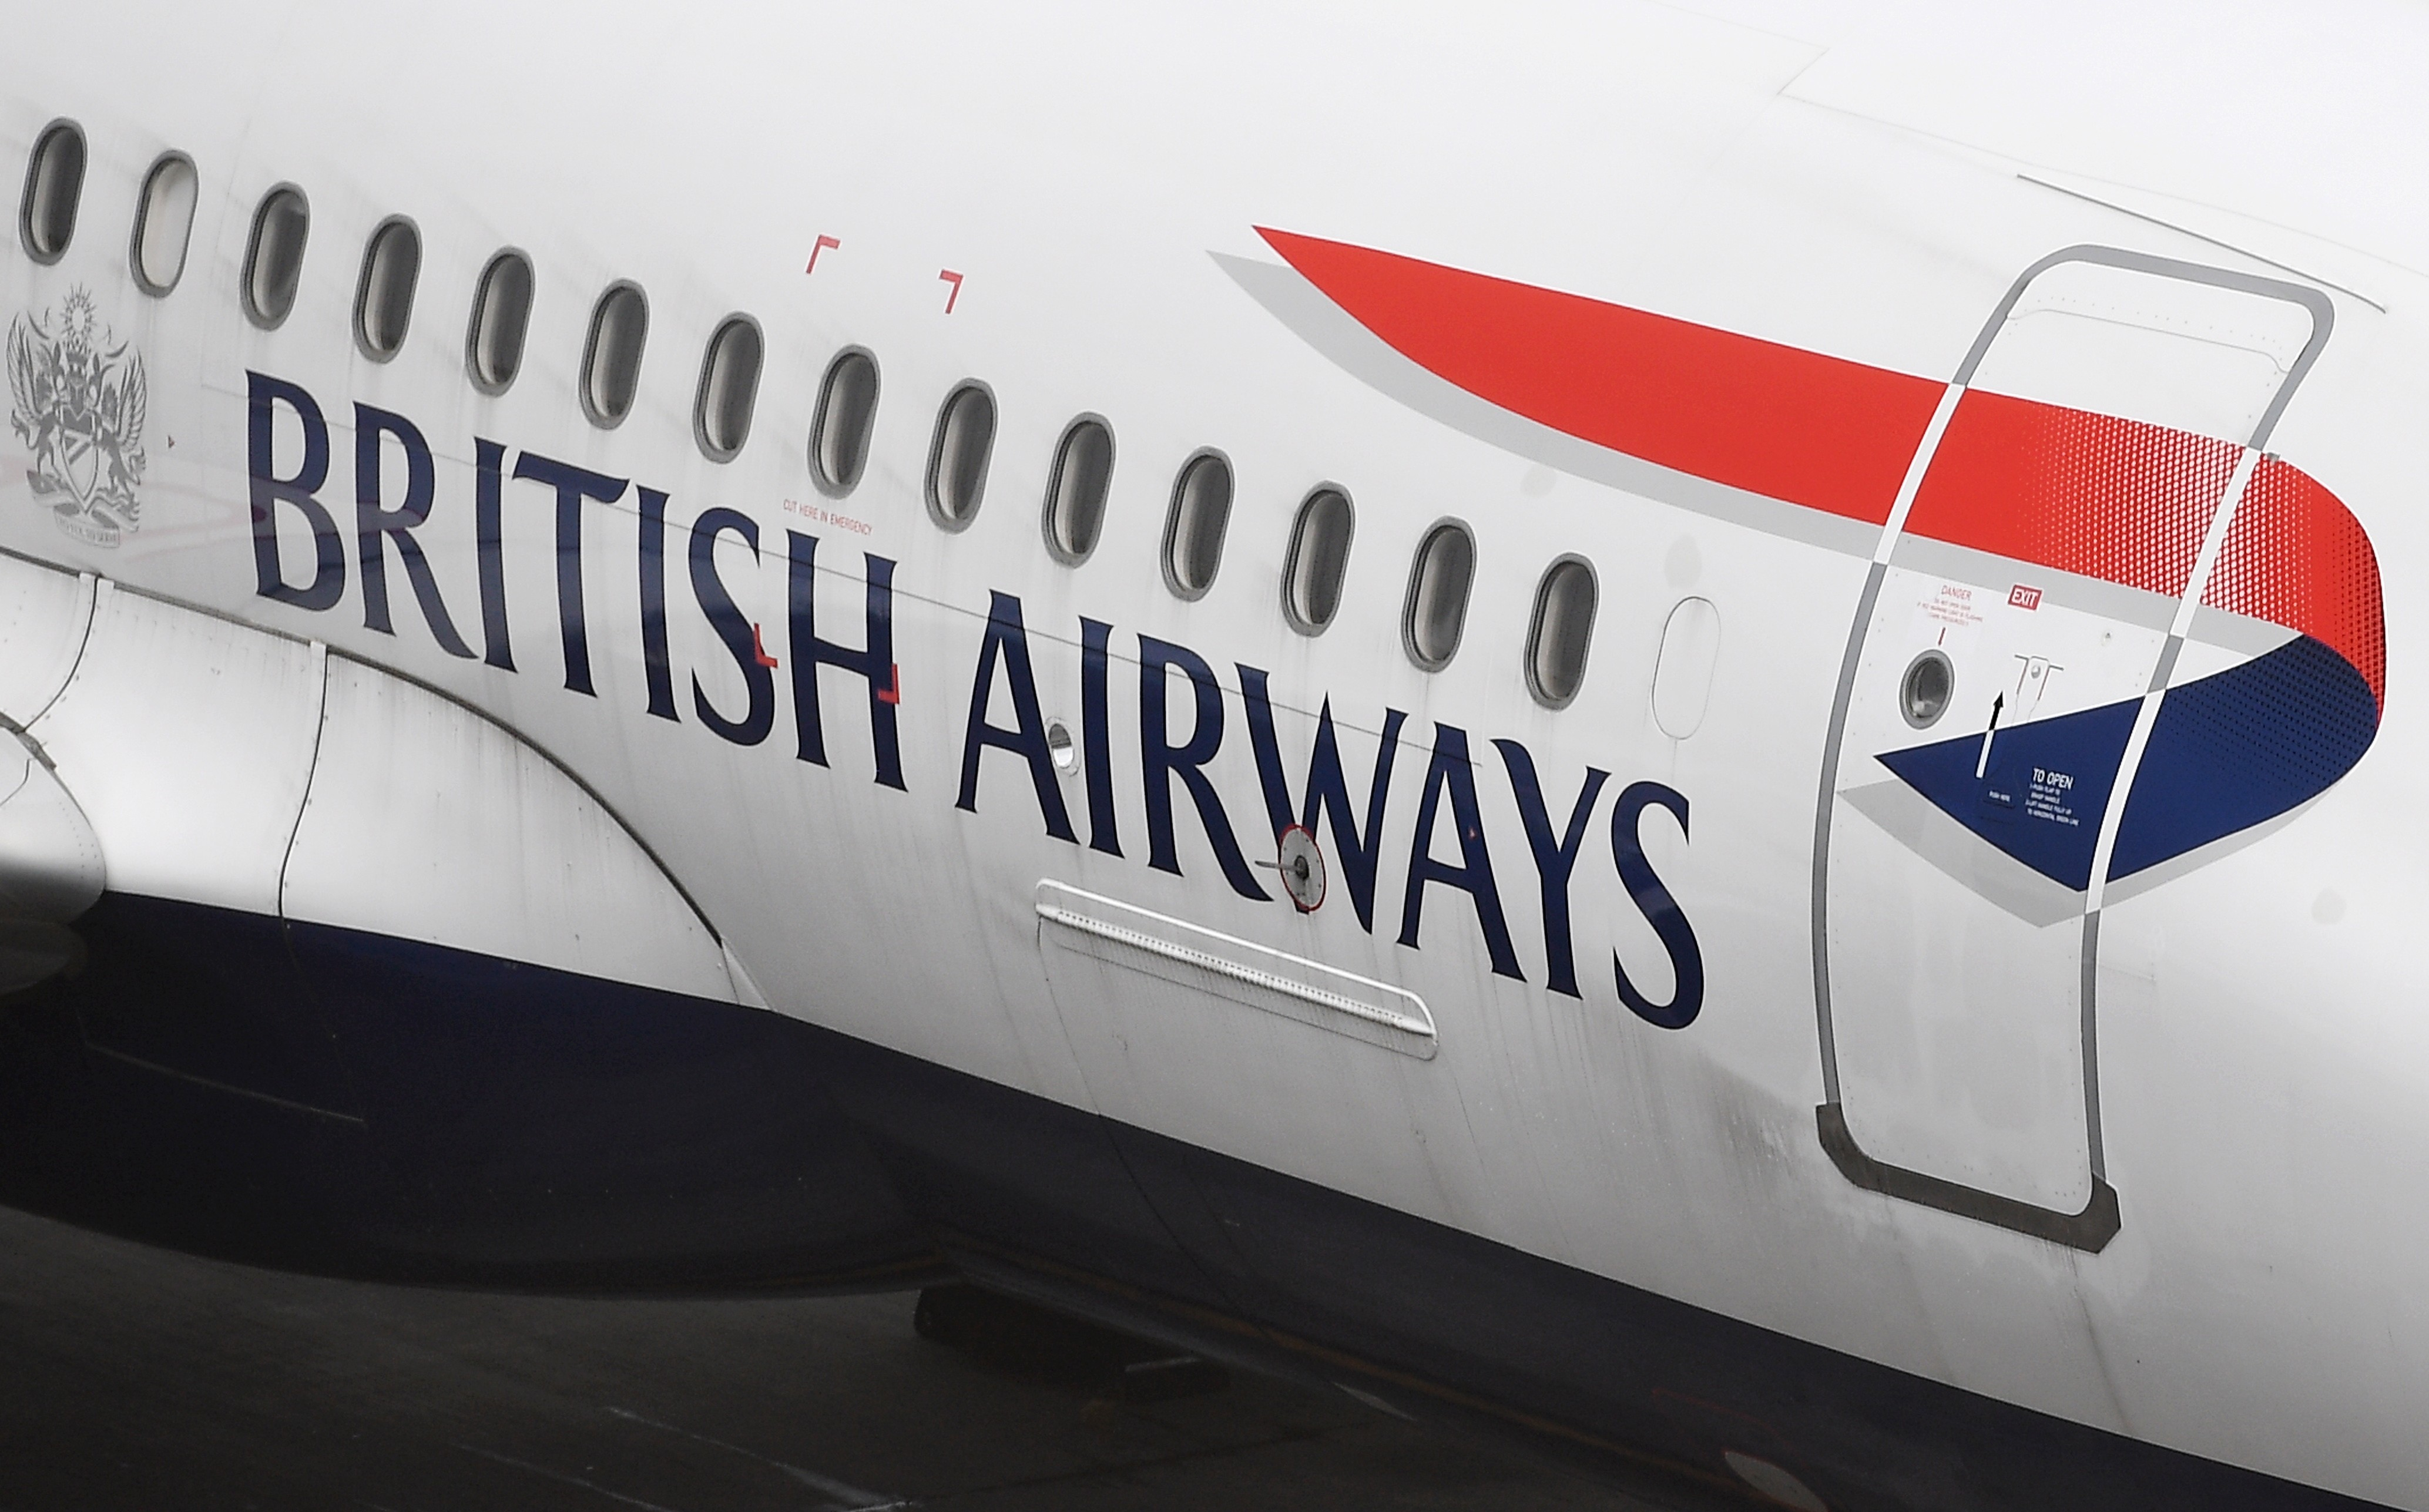 British Airways fined US$229 million over massive data breach that